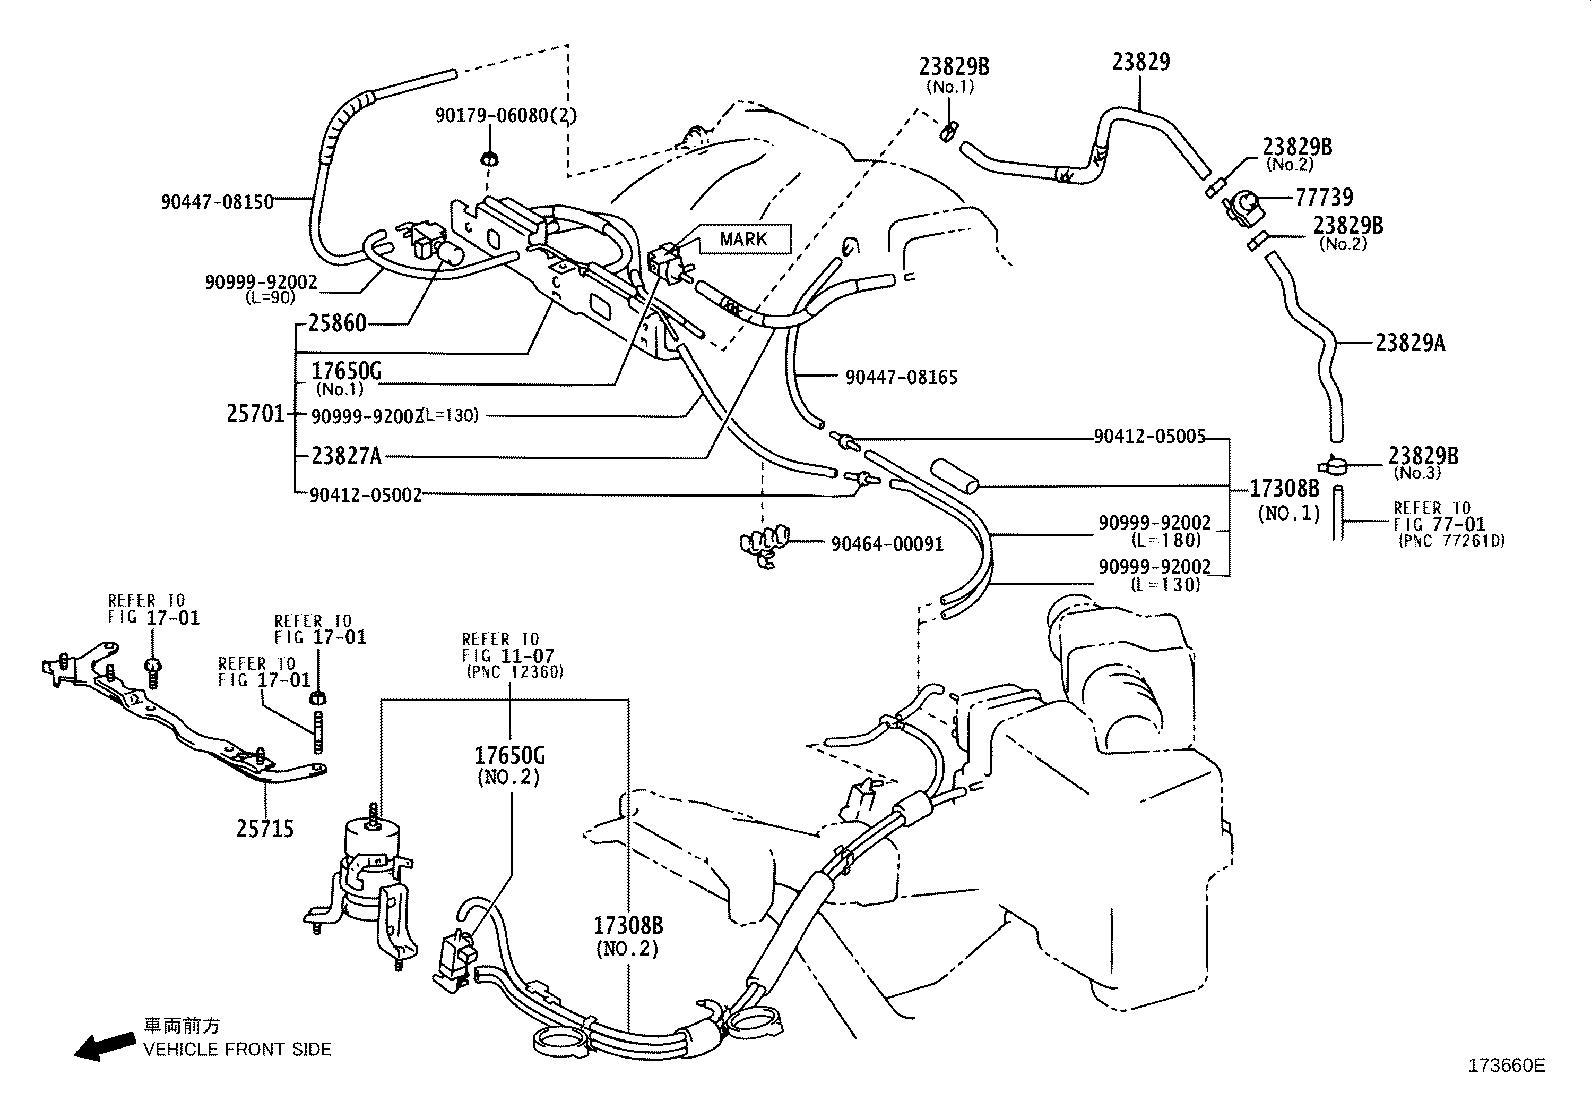 2007 Lexus RX 330 Hose, fuel vapor feed, no. 3. Engine